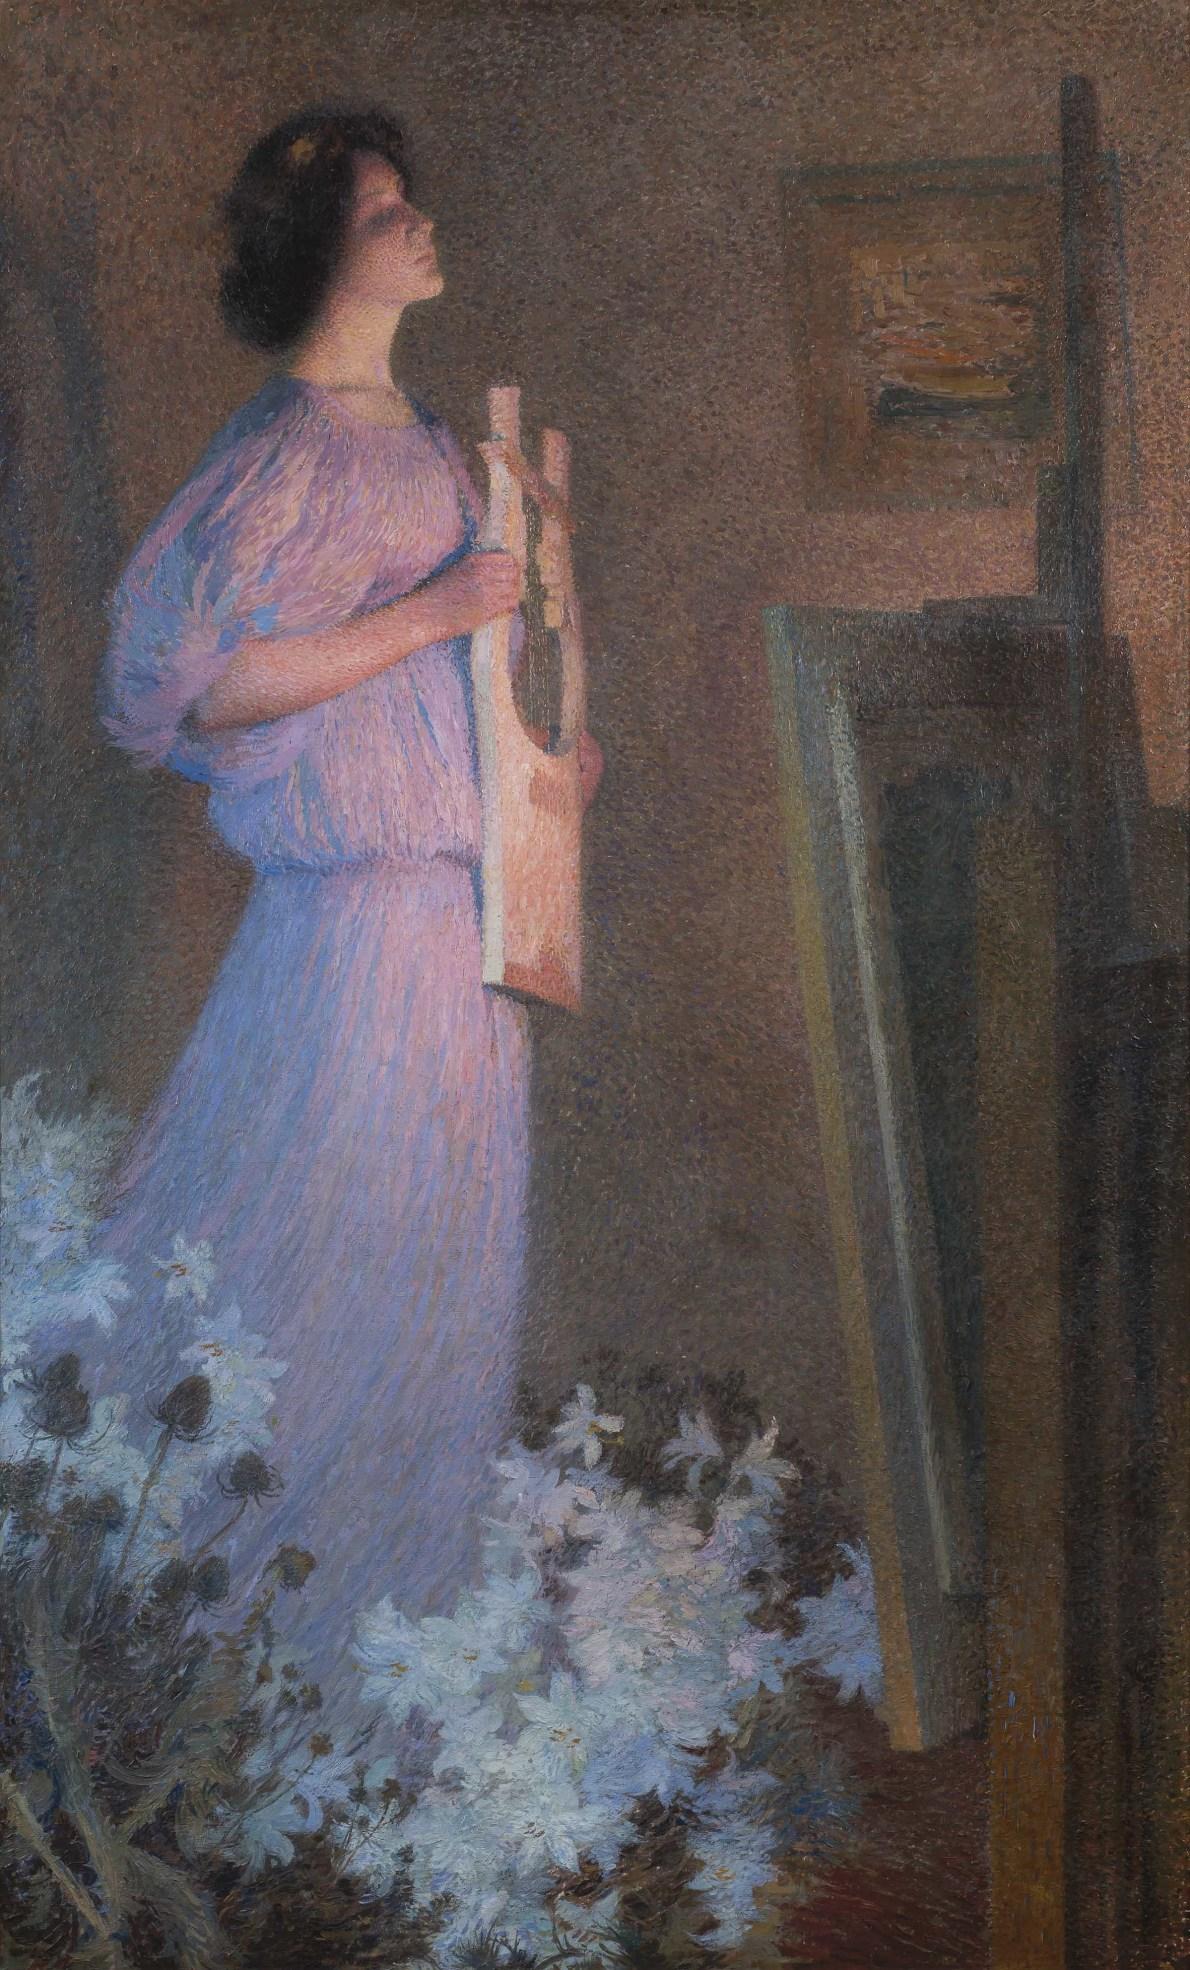 Henri Martin, La Muse du Peintre, c.1900